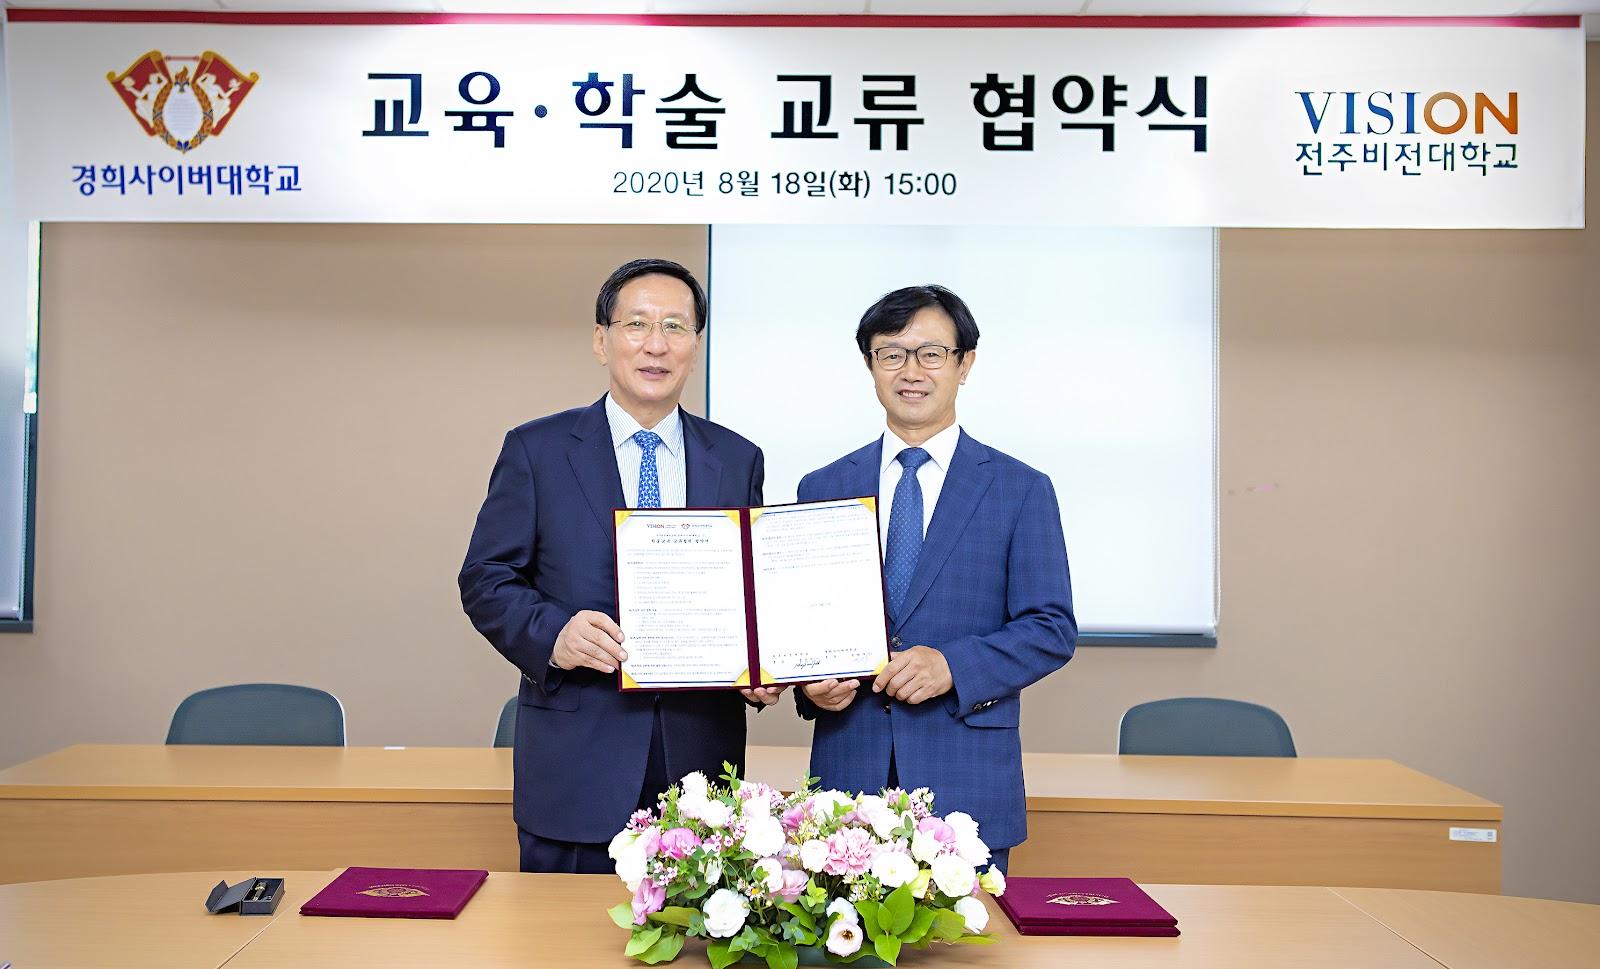 경희사이버대학교는 지난 18일, 전주비전대학교와 대학교류협약을 체결